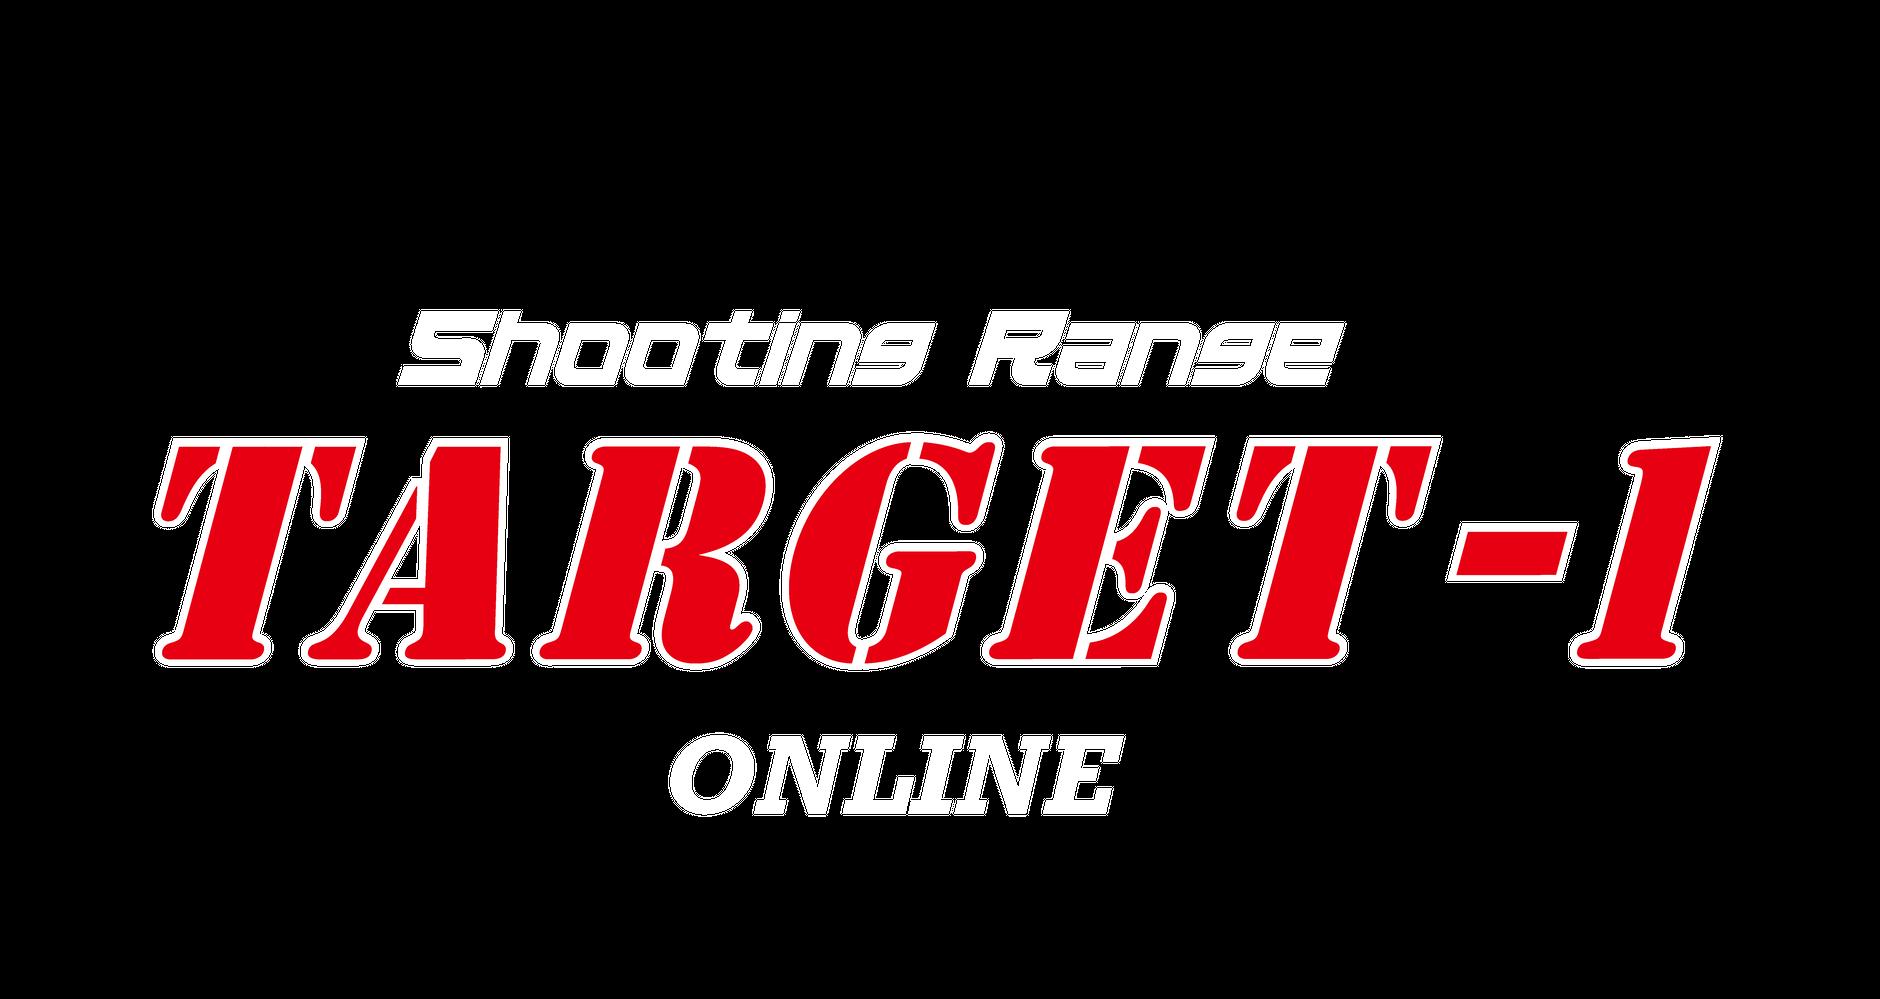 TARGET-1 ONLINE